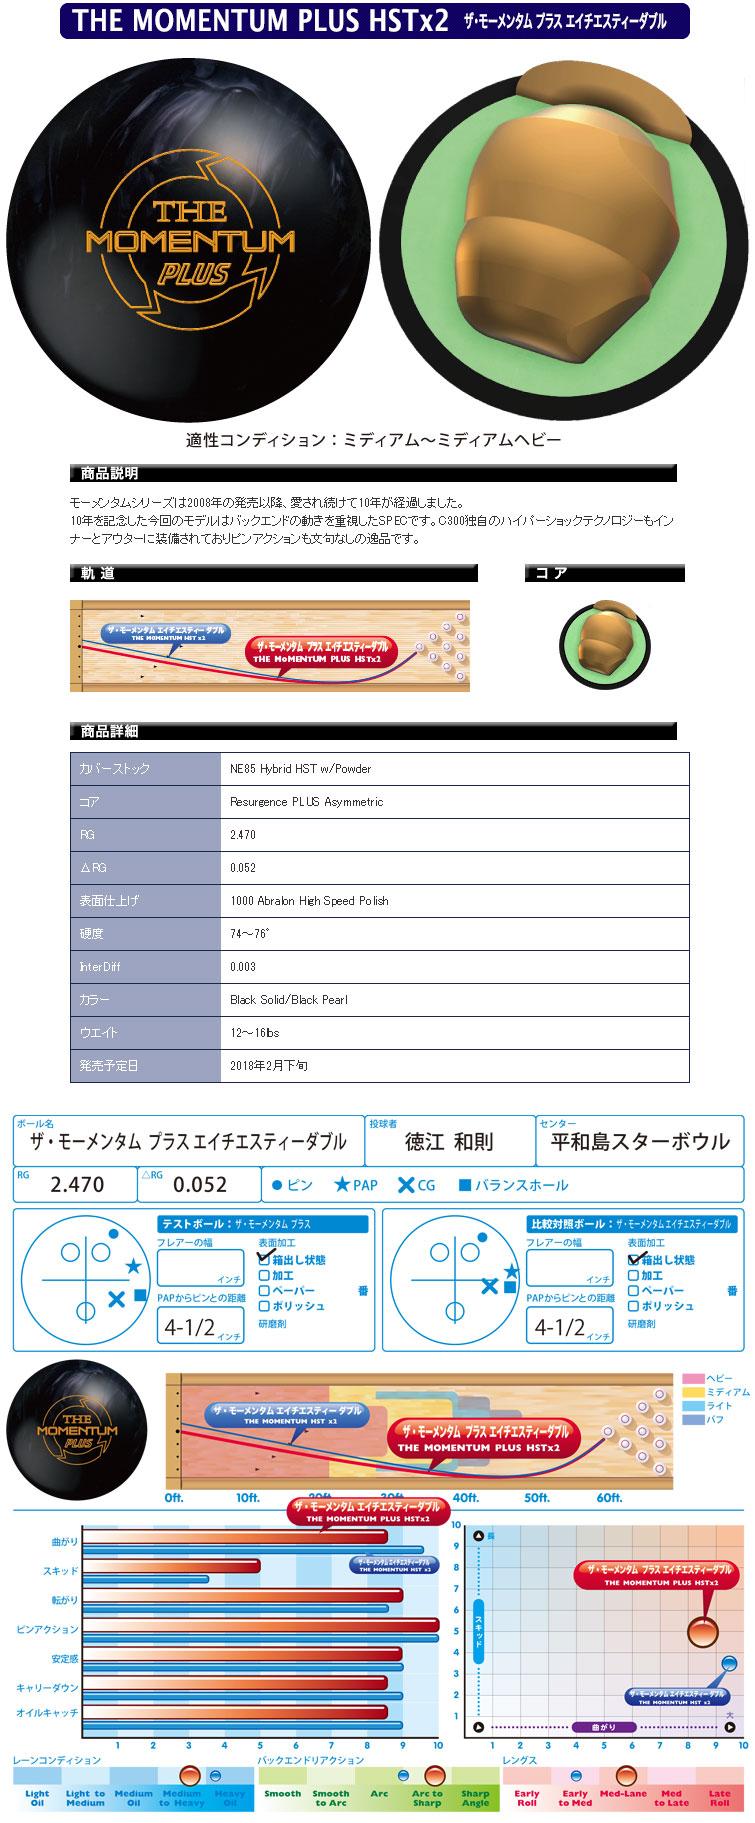 ボウリング用品 ボウリングボールCOLUMBIA300 ザ・モーメンタムプラスHSTダブル THE MOMENTUM PLUS×2